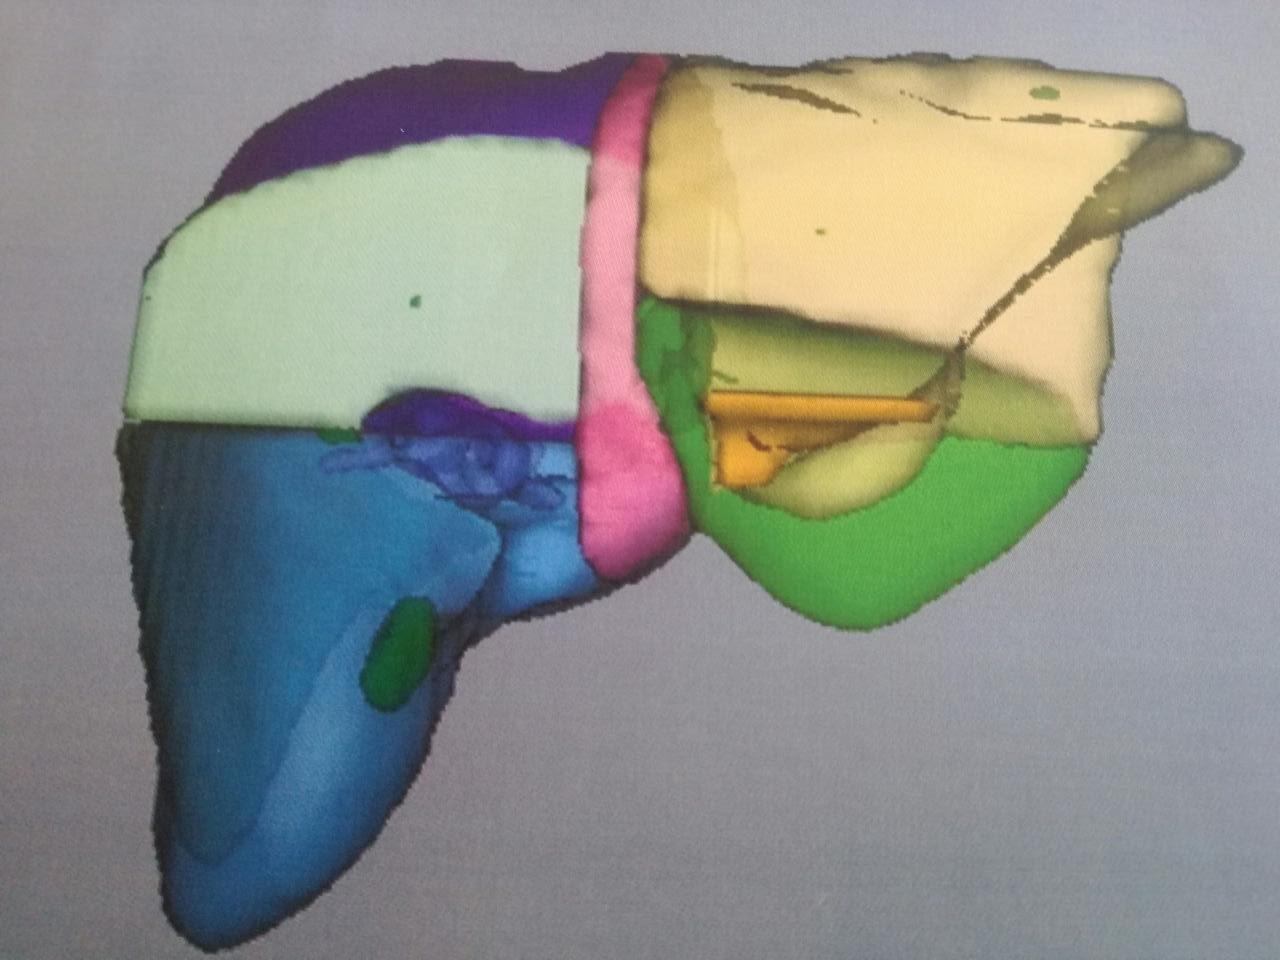 Ογκομετρία μετά τον Εμβολισμό της Πυλαίας Φλέβας